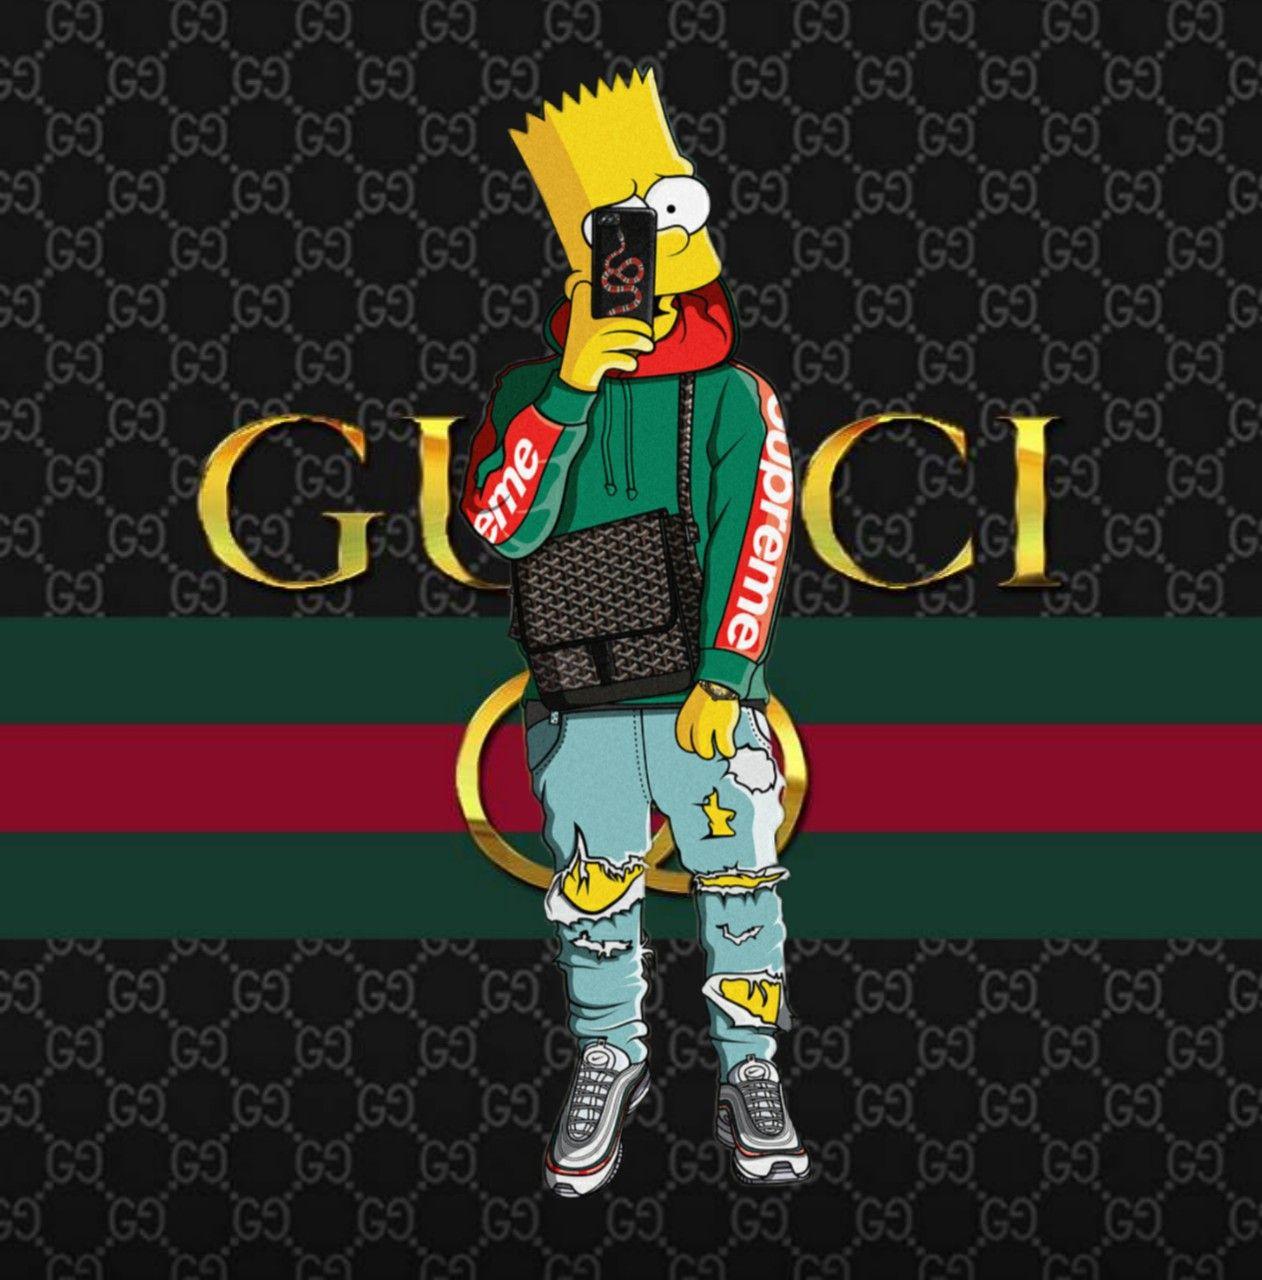 Bart Simpson Gucci X Supreme X Nike Air Max Supreme Iphone Wallpaper Bape Wallpaper Iphone Gucci Wallpaper Iphone